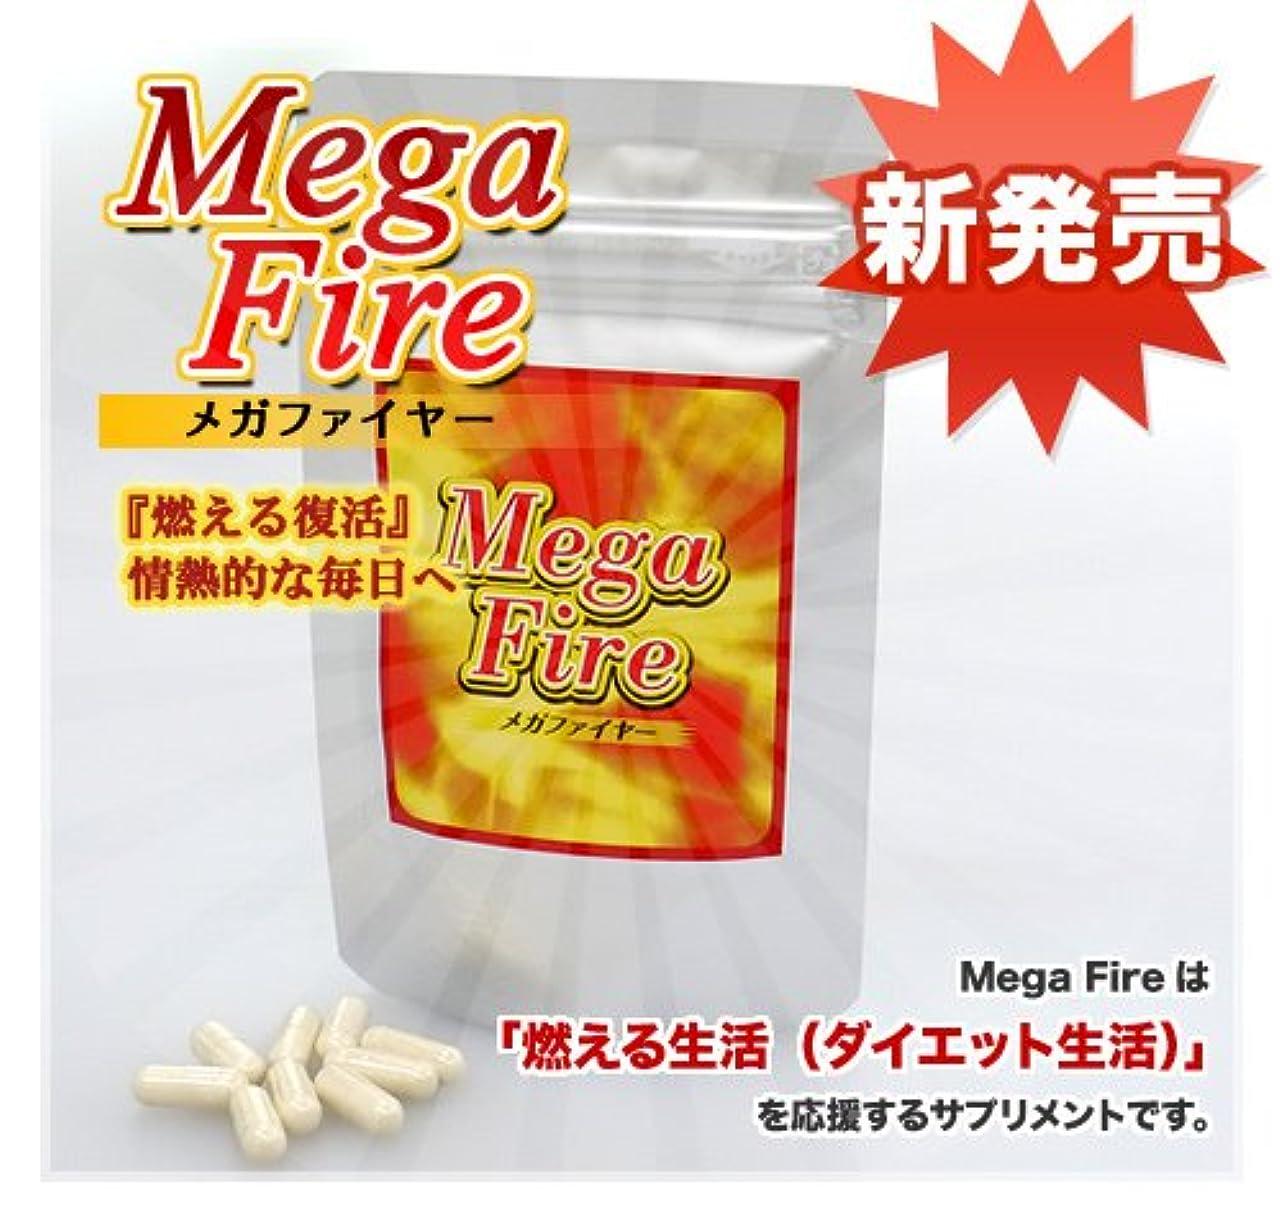 蒸事業内容反対するMegaFire(メガファイヤー)3ヶ月セット